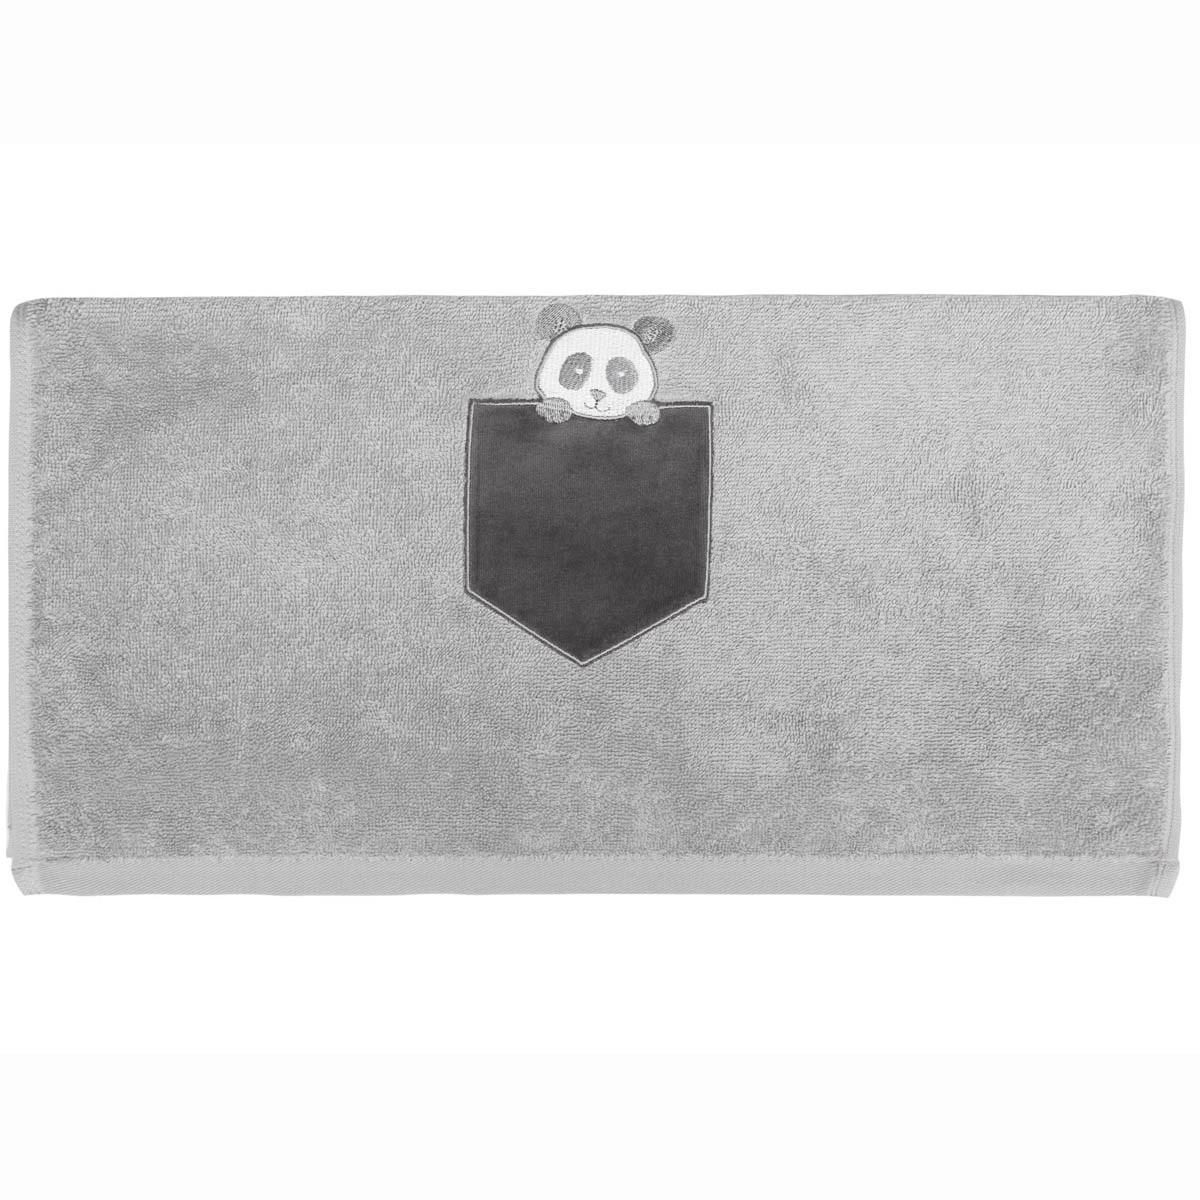 Serviette de toilette enfant coton gris perle 50x90